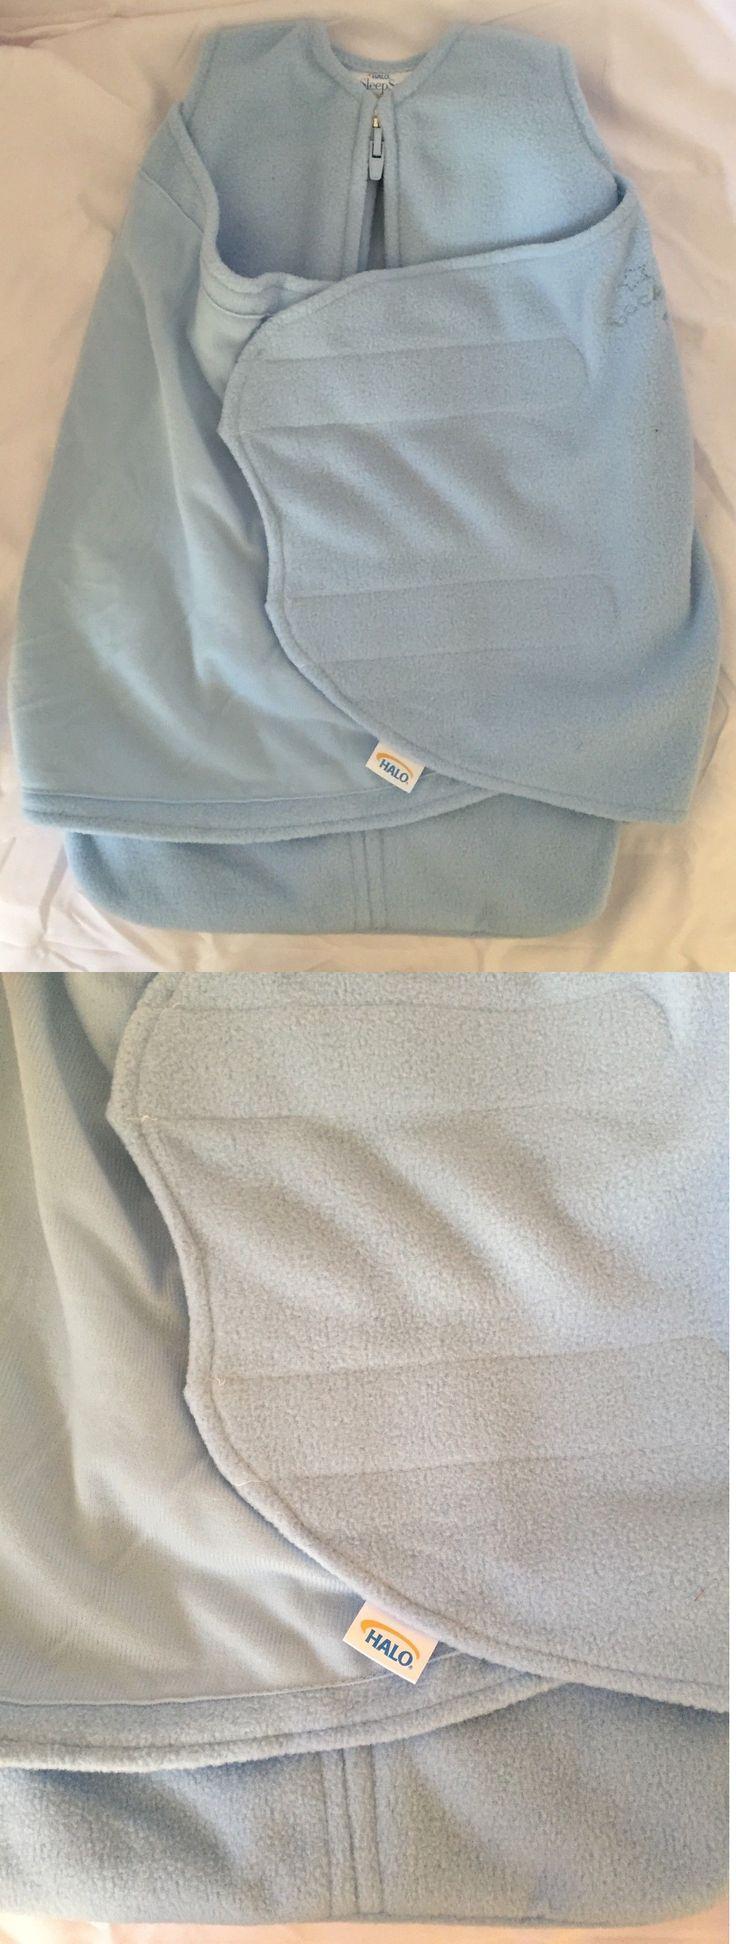 Sleeping Bags and Sleepsacks 100989: Halo Sleepsack Micro Fleece Swaddle Baby Blue Preemie ( Birth To 5 Pounds ) -> BUY IT NOW ONLY: $30 on eBay!